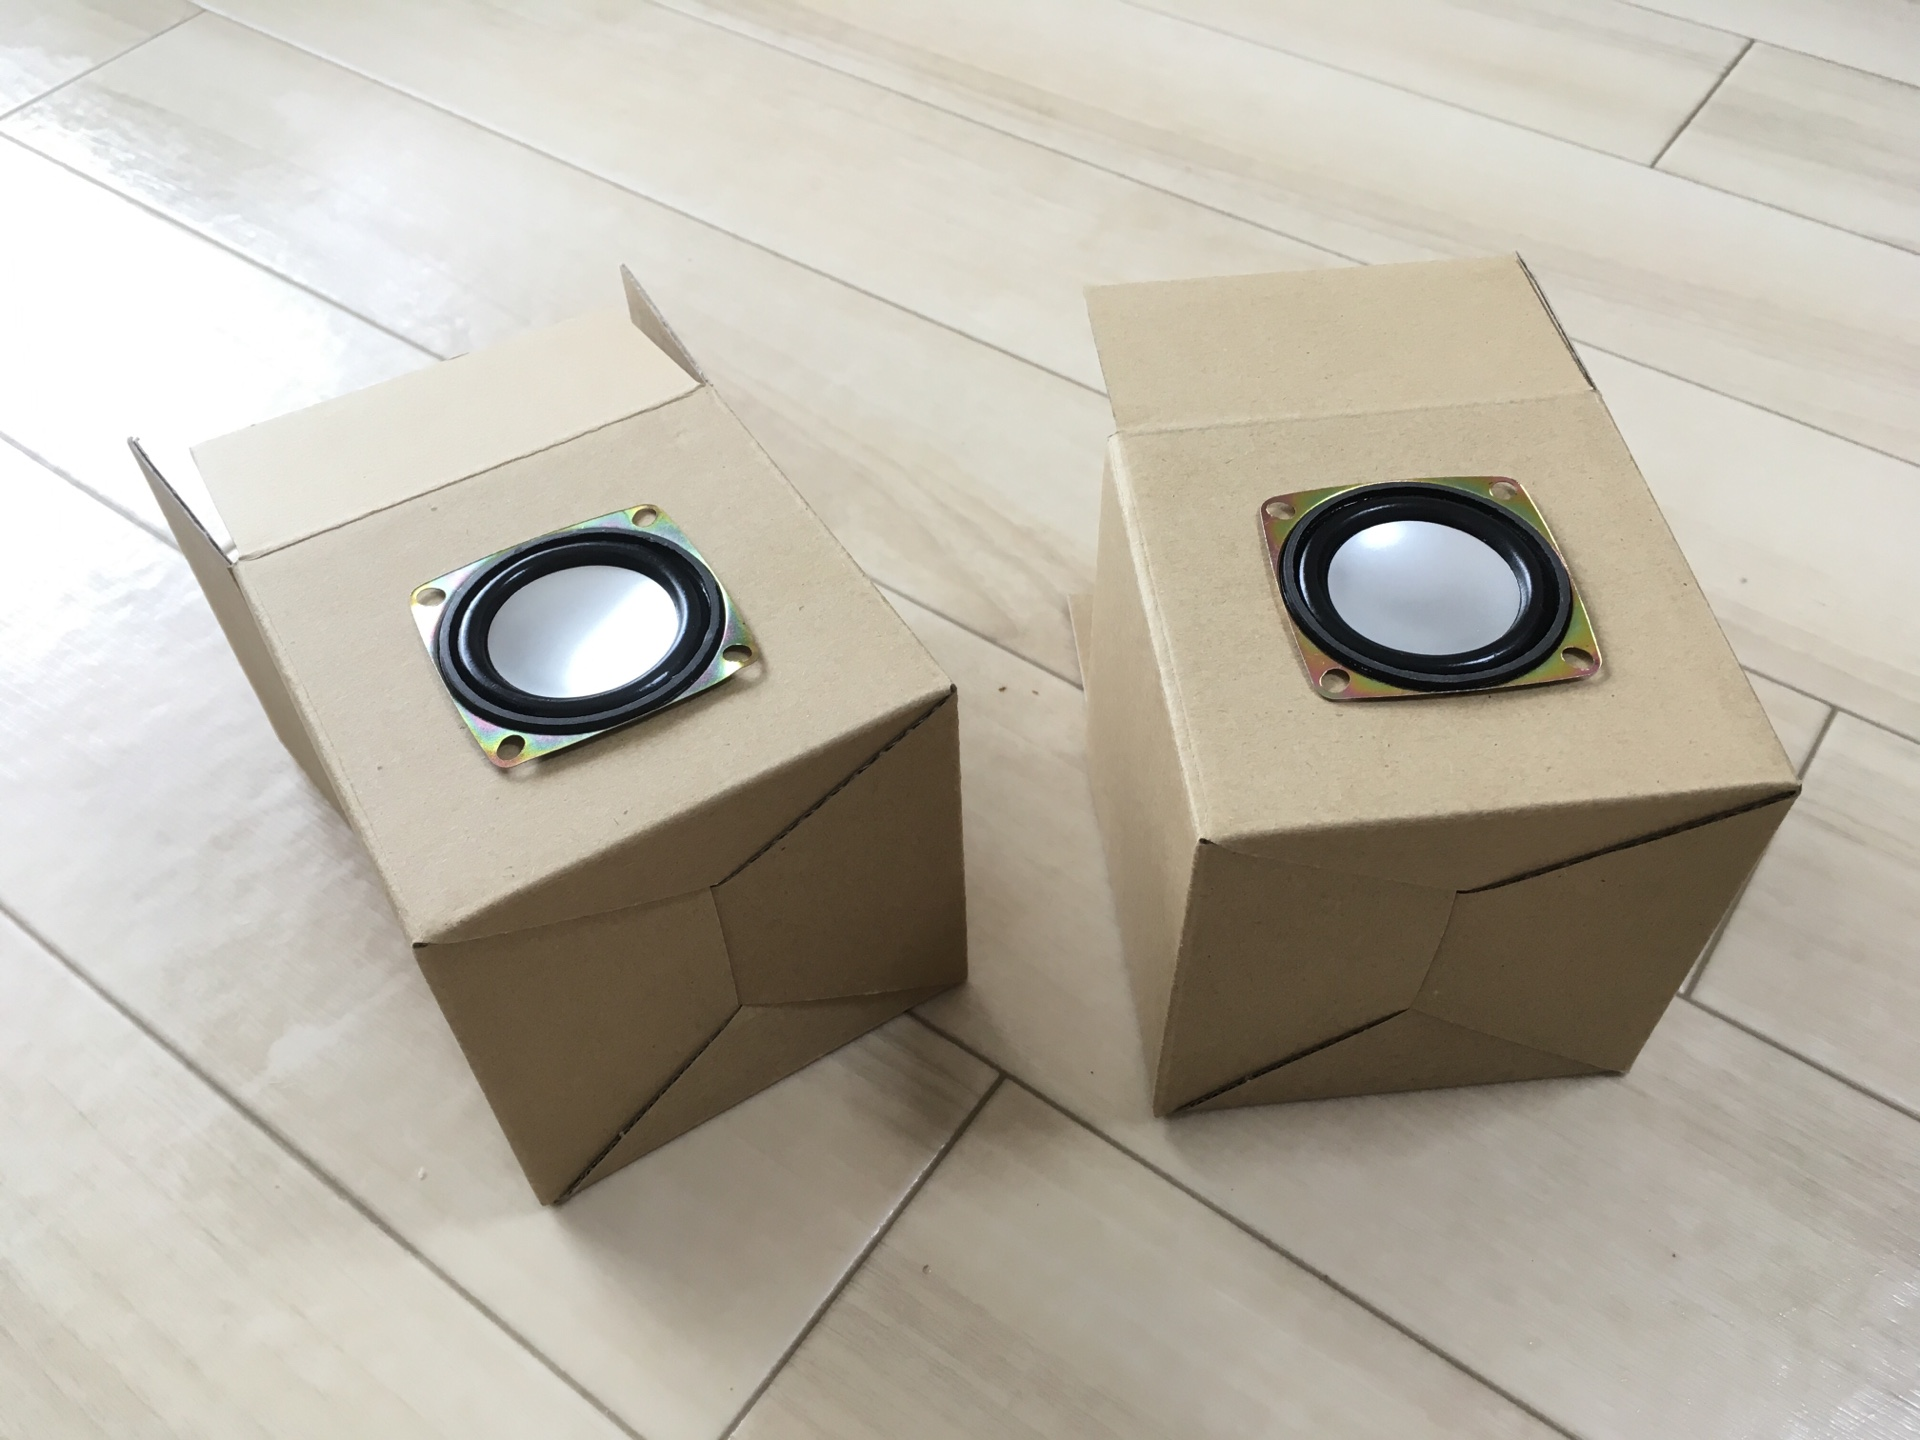 ダイソーのスピーカーが数万円レベルに 純セレブスピーカーを作ってみた!